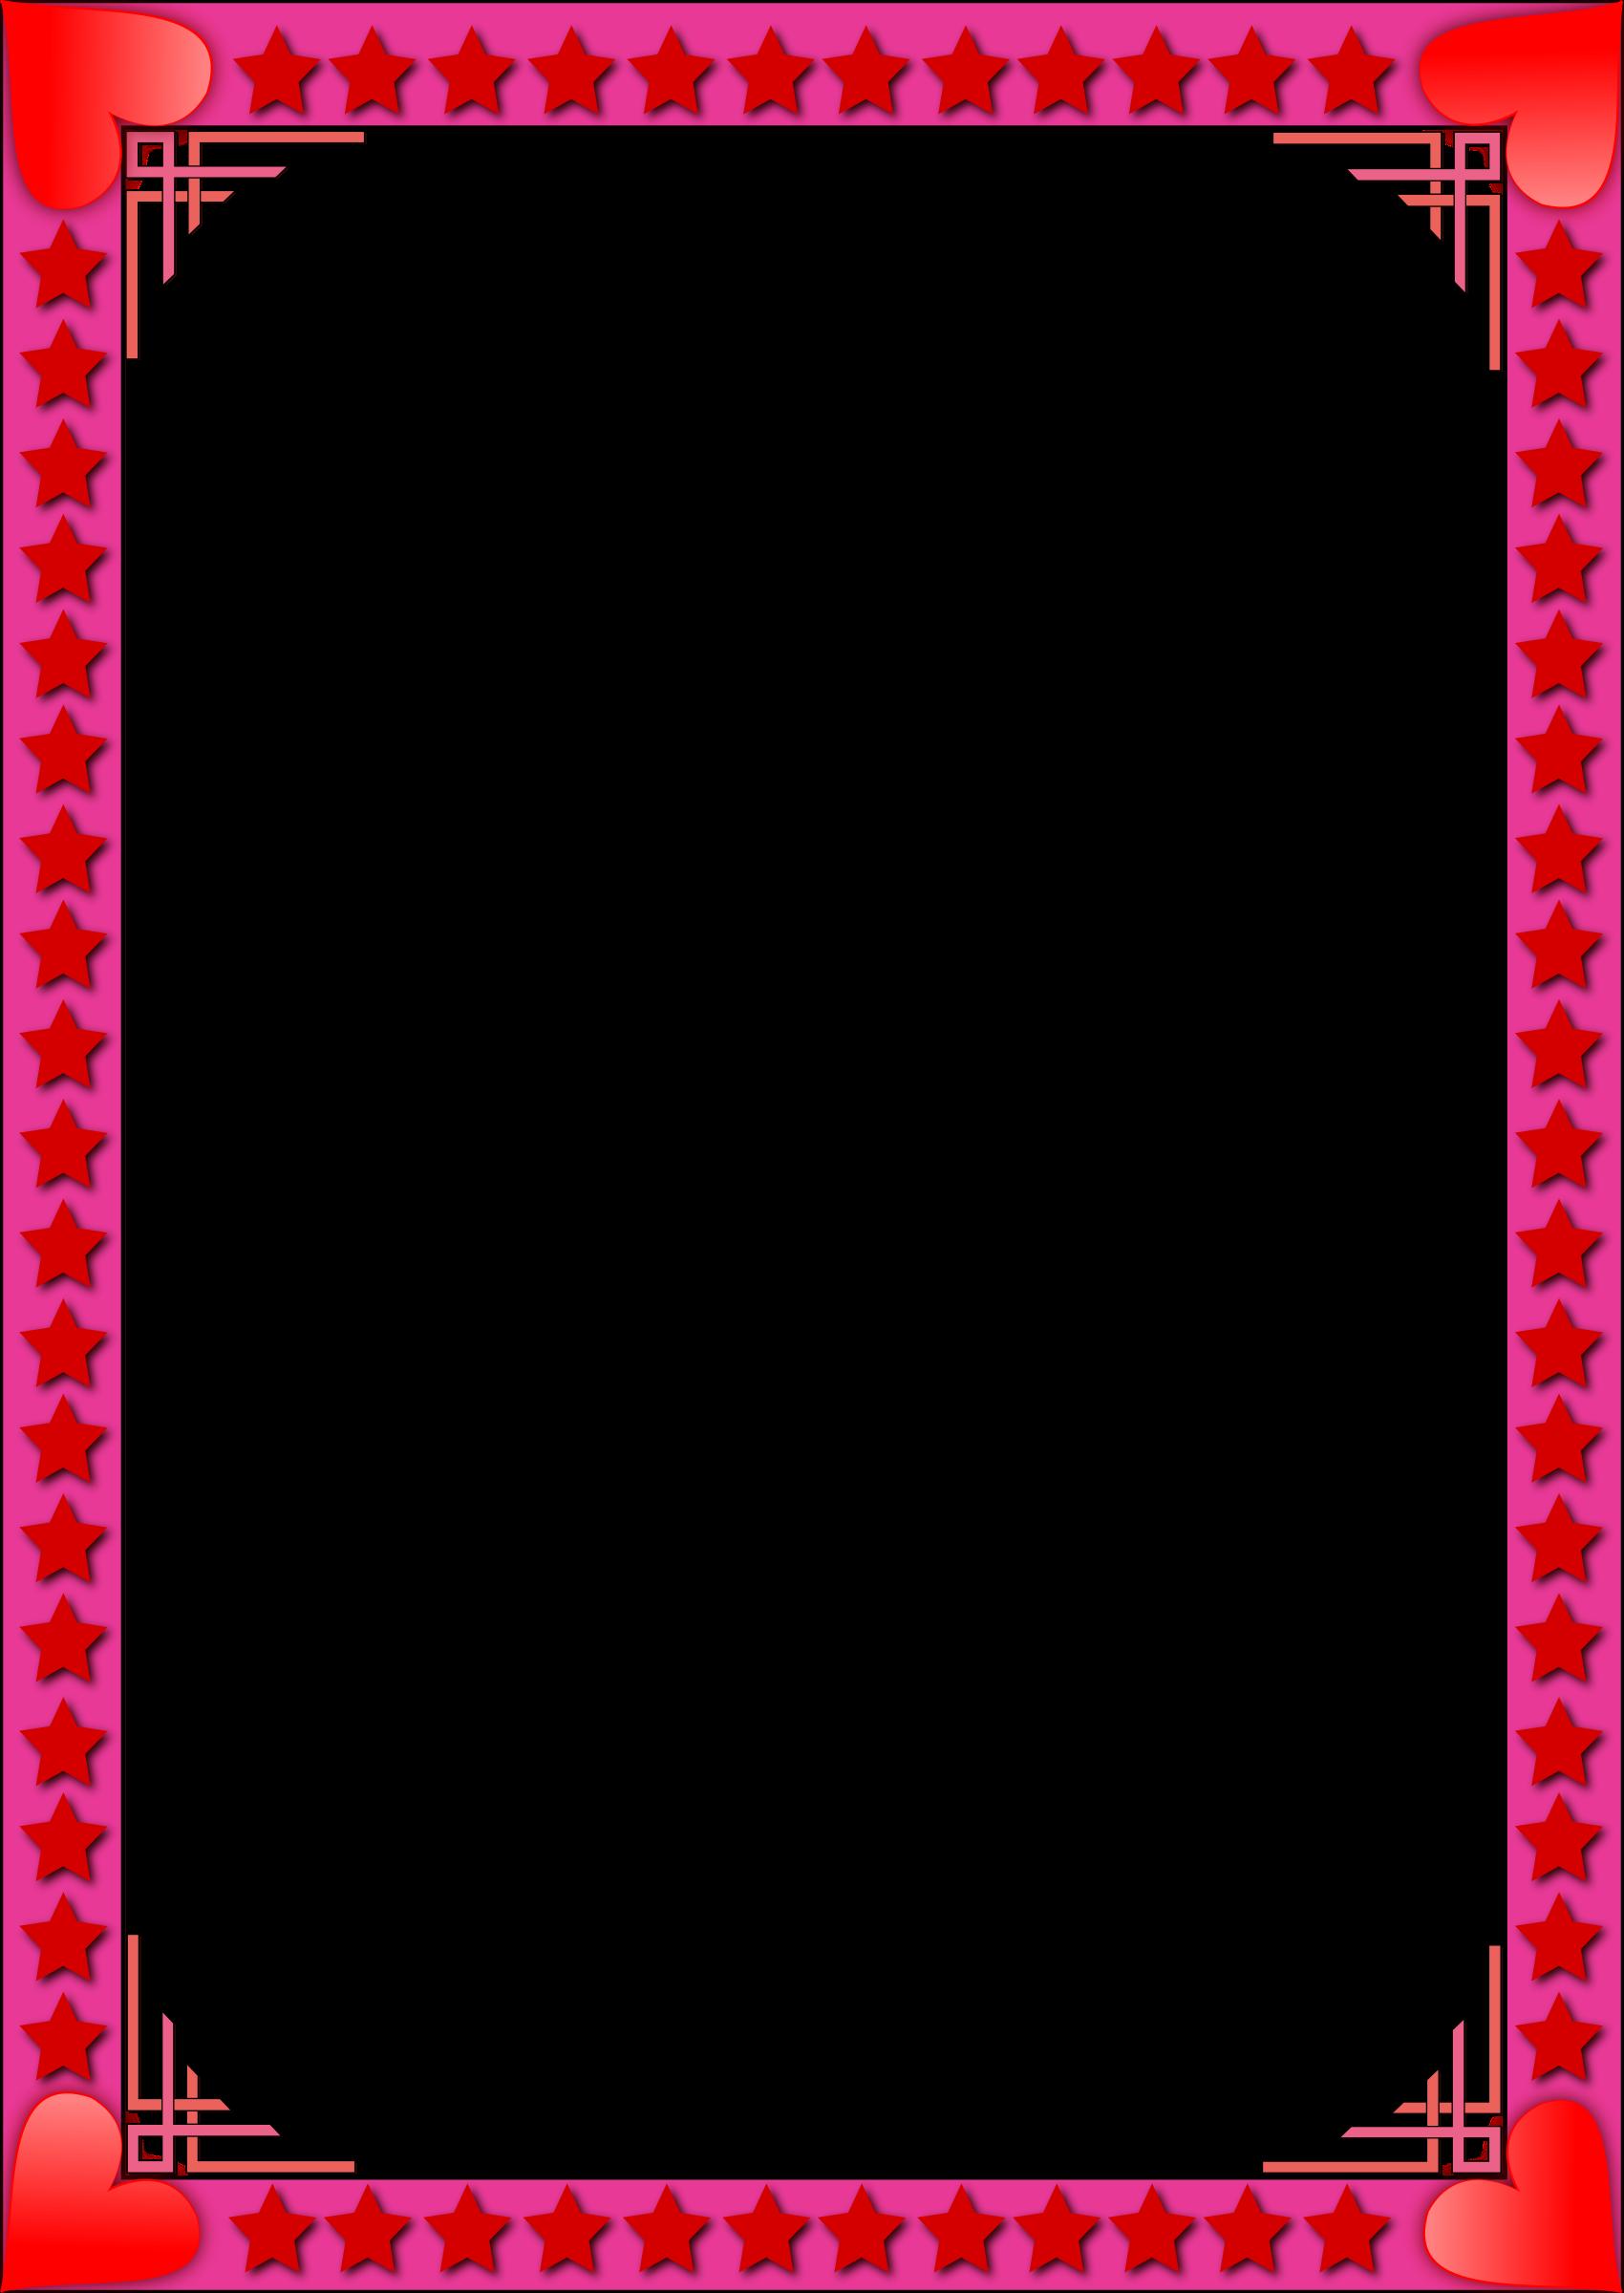 Big image png. Frame clipart valentine